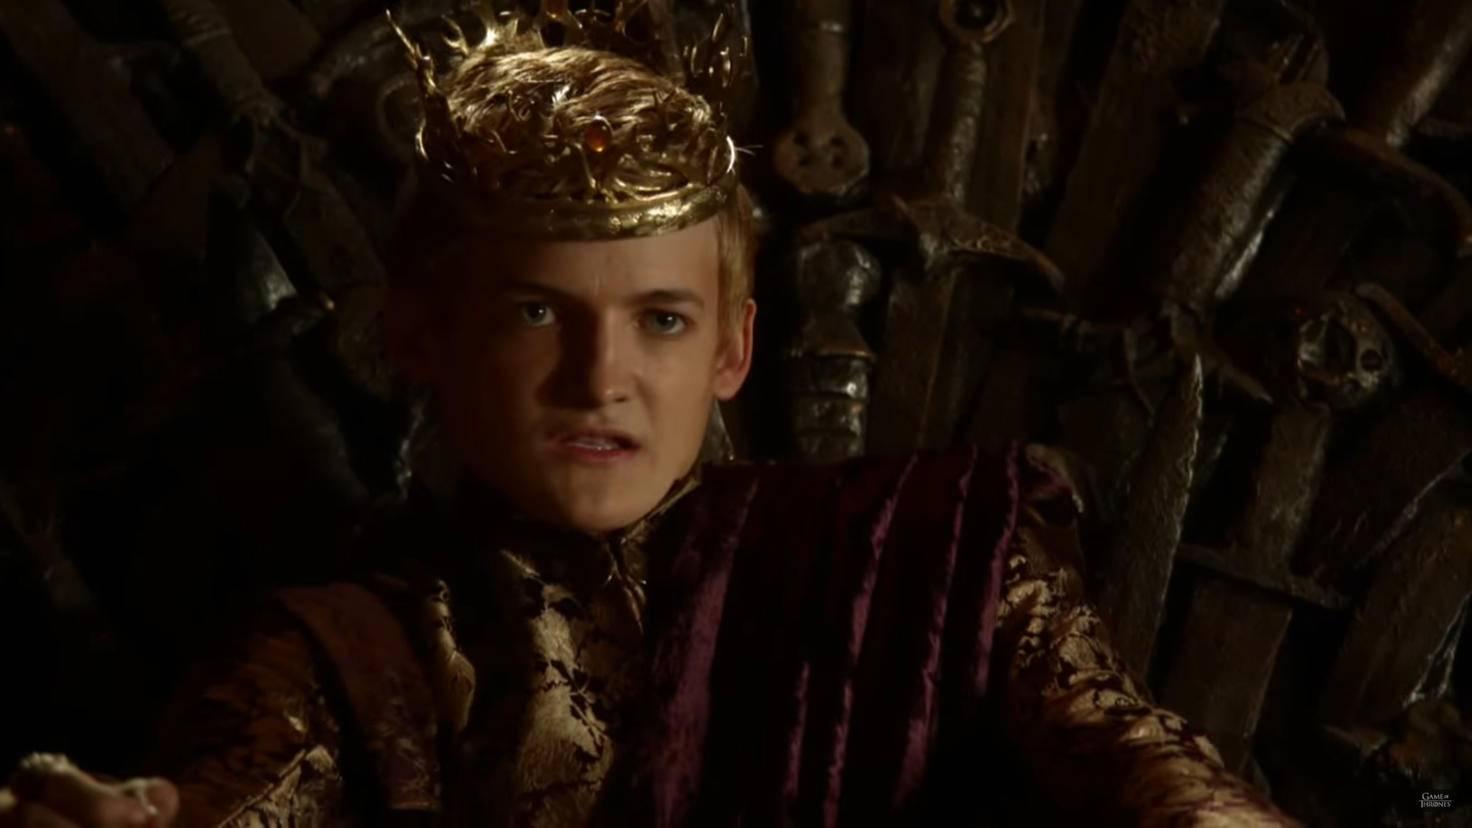 Regiert mit grausamer Hand: der junge König Joffrey Baratheon.